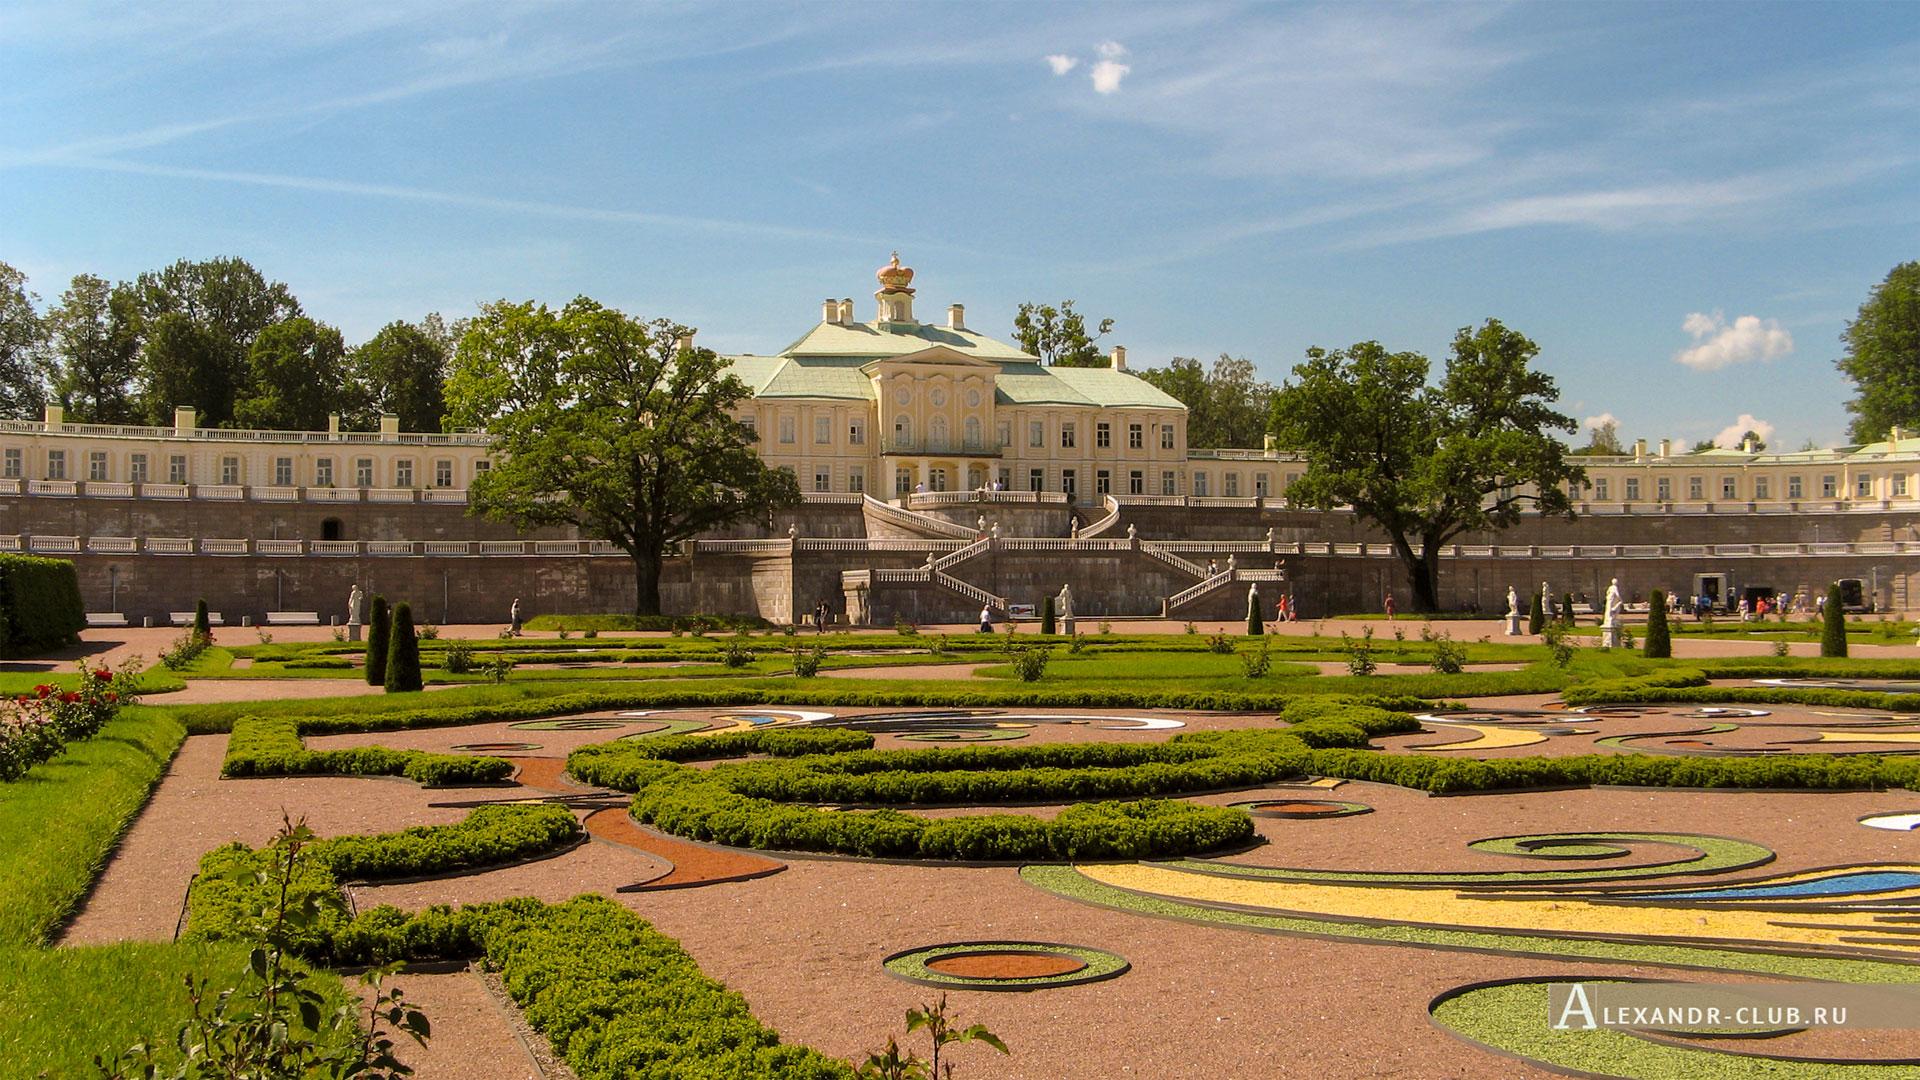 Ораниенбаум, лето, Большой Меншиковский дворец